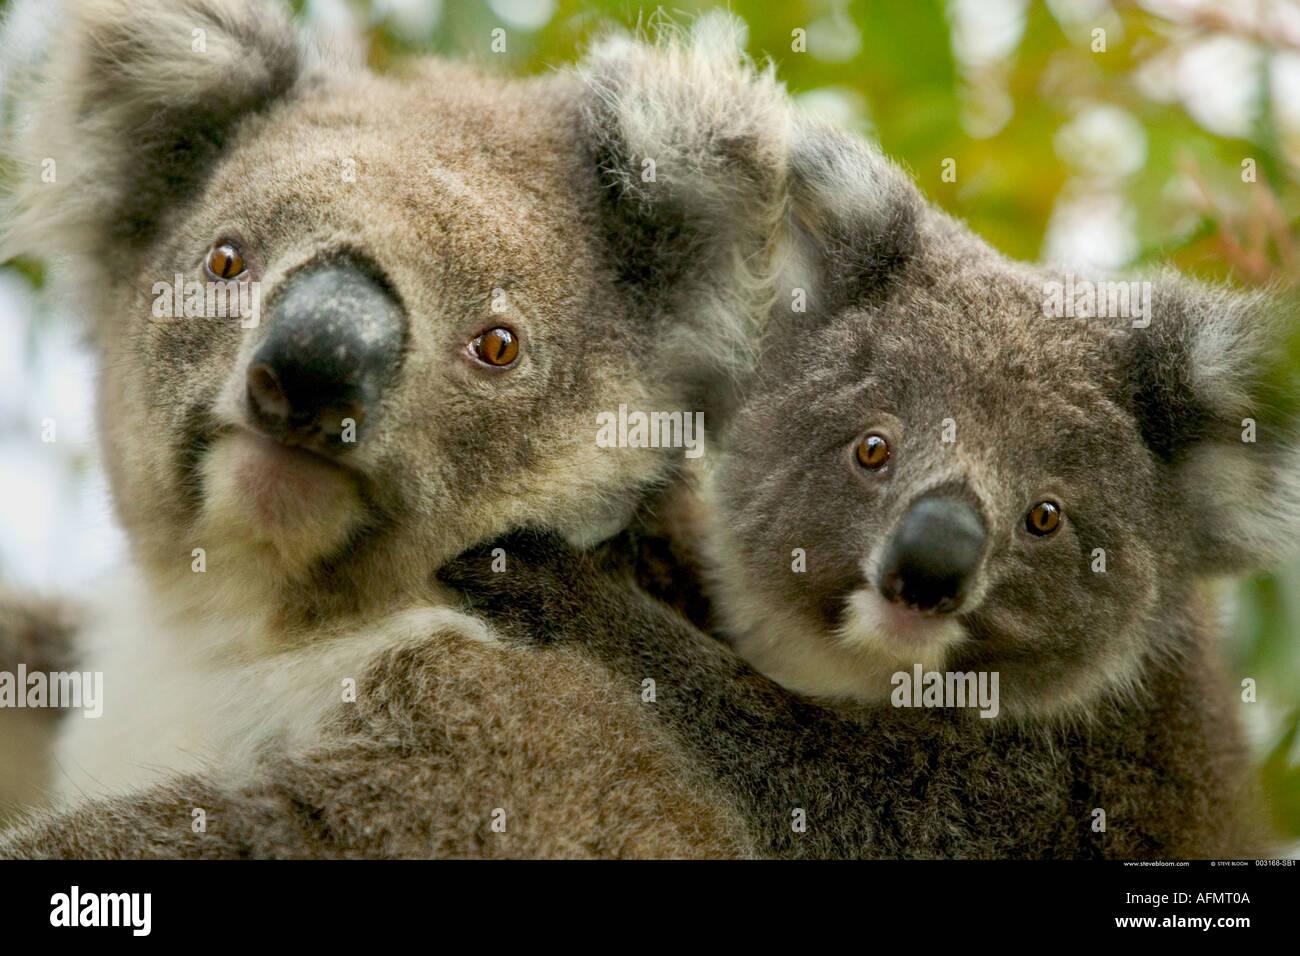 Mother and baby Koalas Kangaroo Island Australia - Stock Image